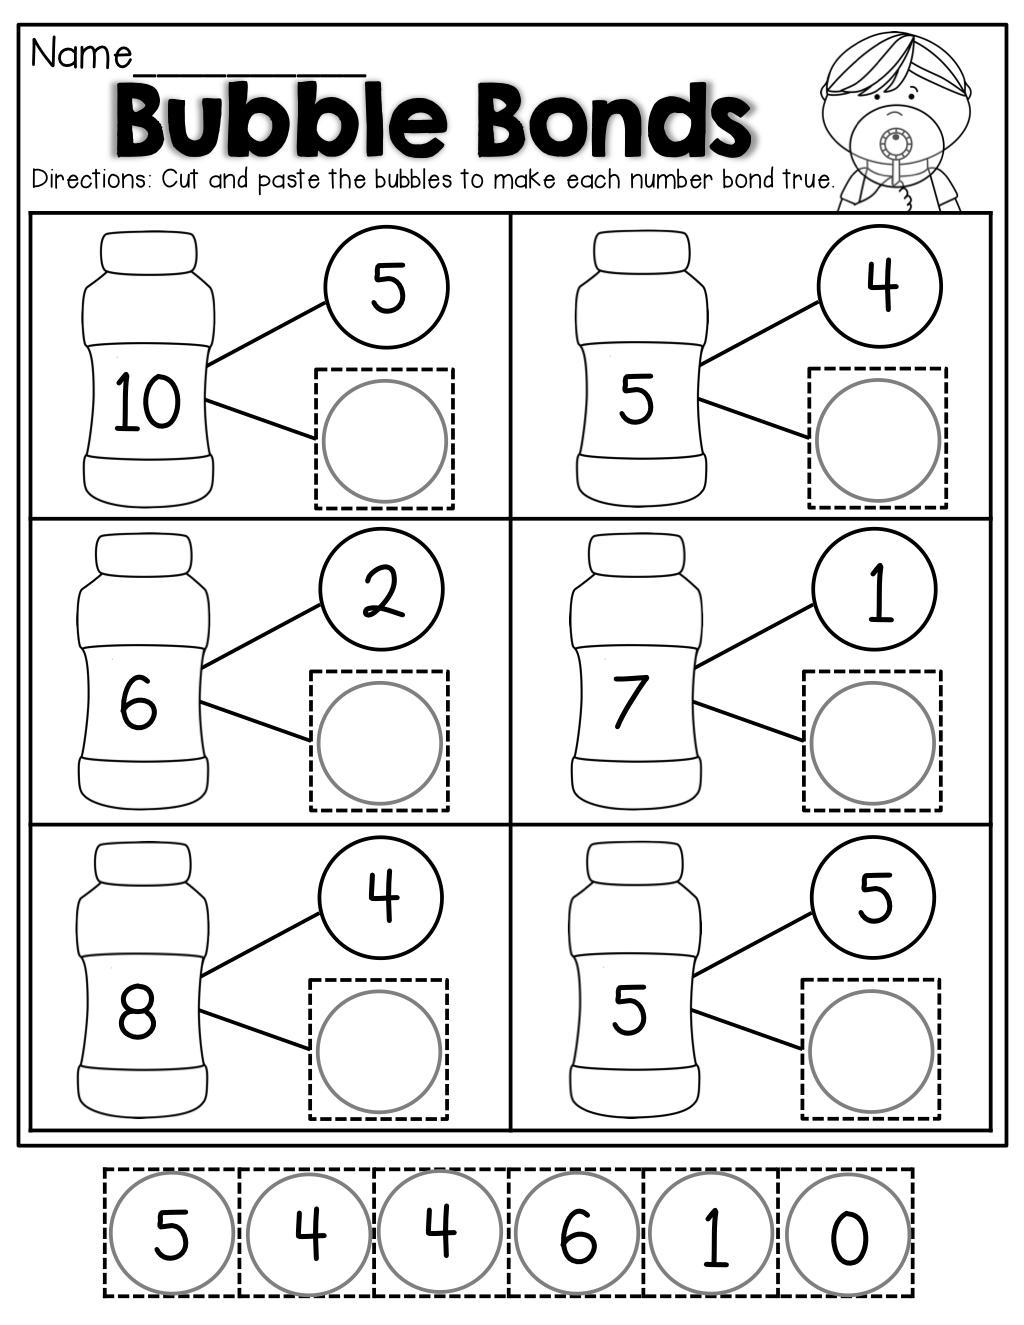 Number Bonds To 10 Worksheets Free Printable Number Bond